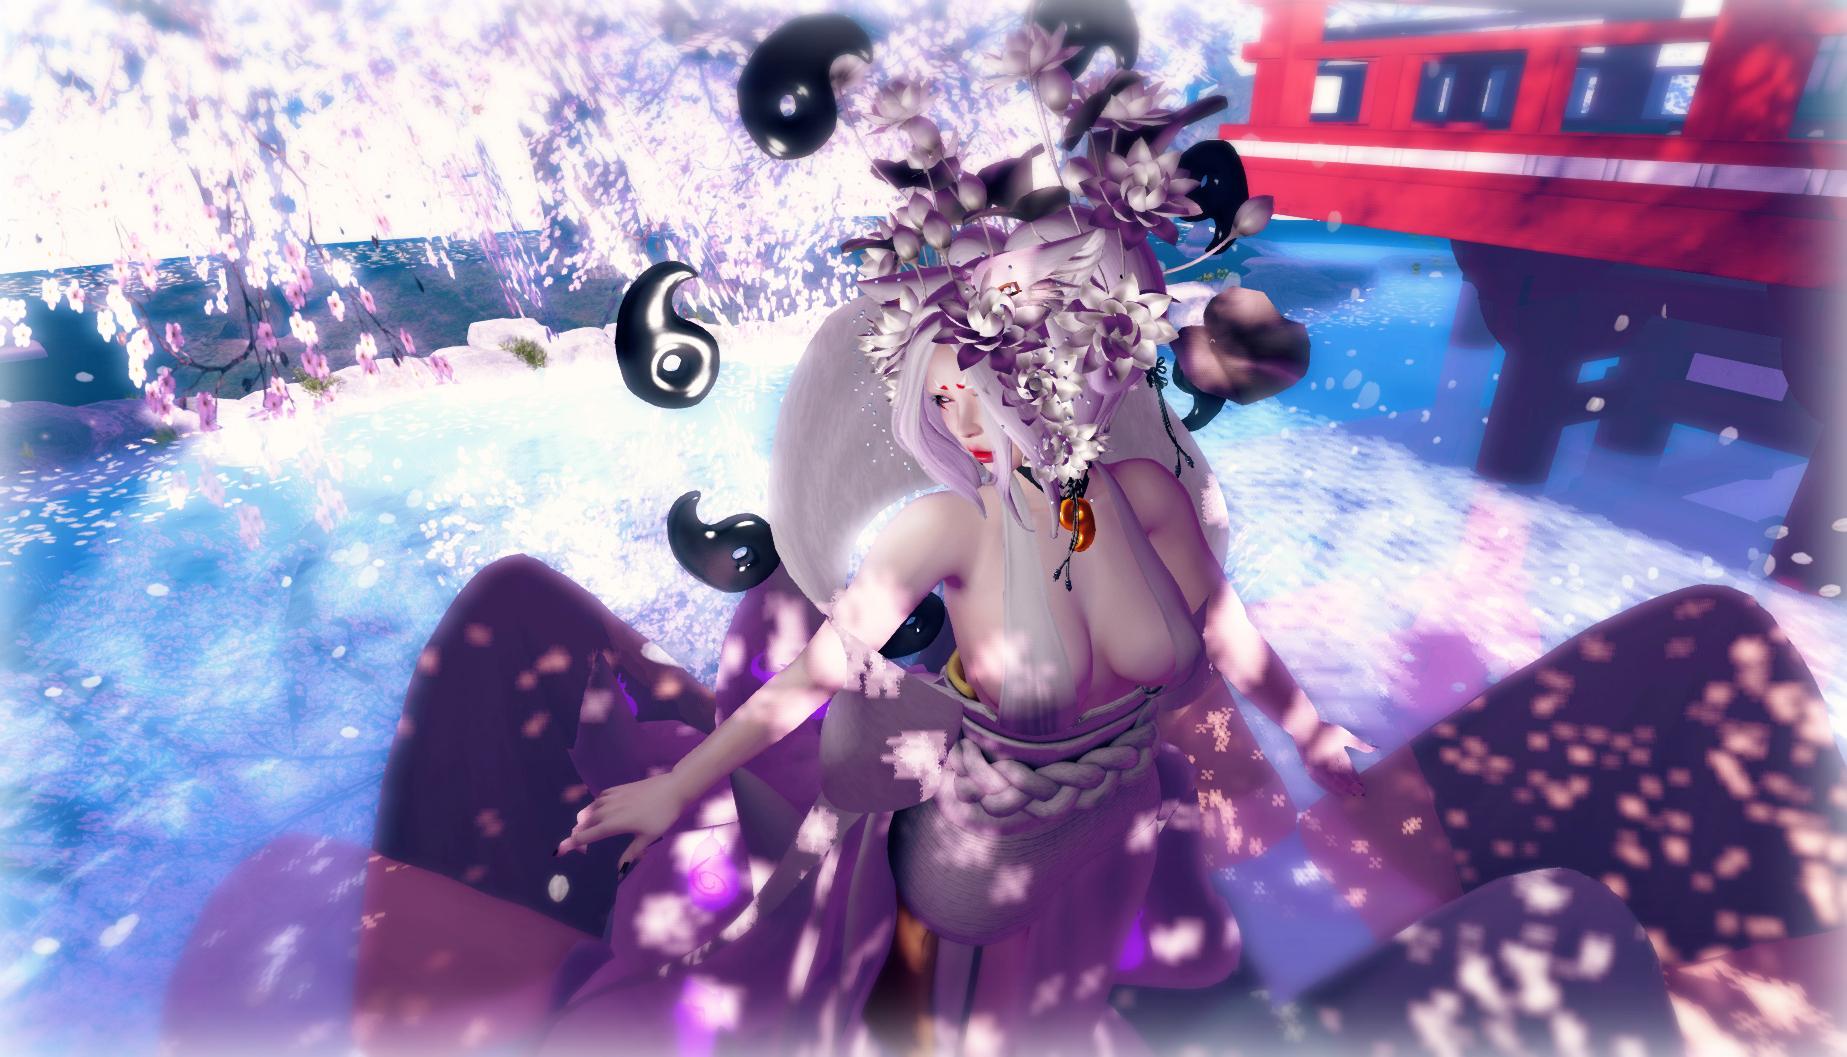 Japan Anime Purple Fashion World Kimono Lotus ART Girl Fun Secondlife Fantasy Aii Naminoke Chouchou Computer